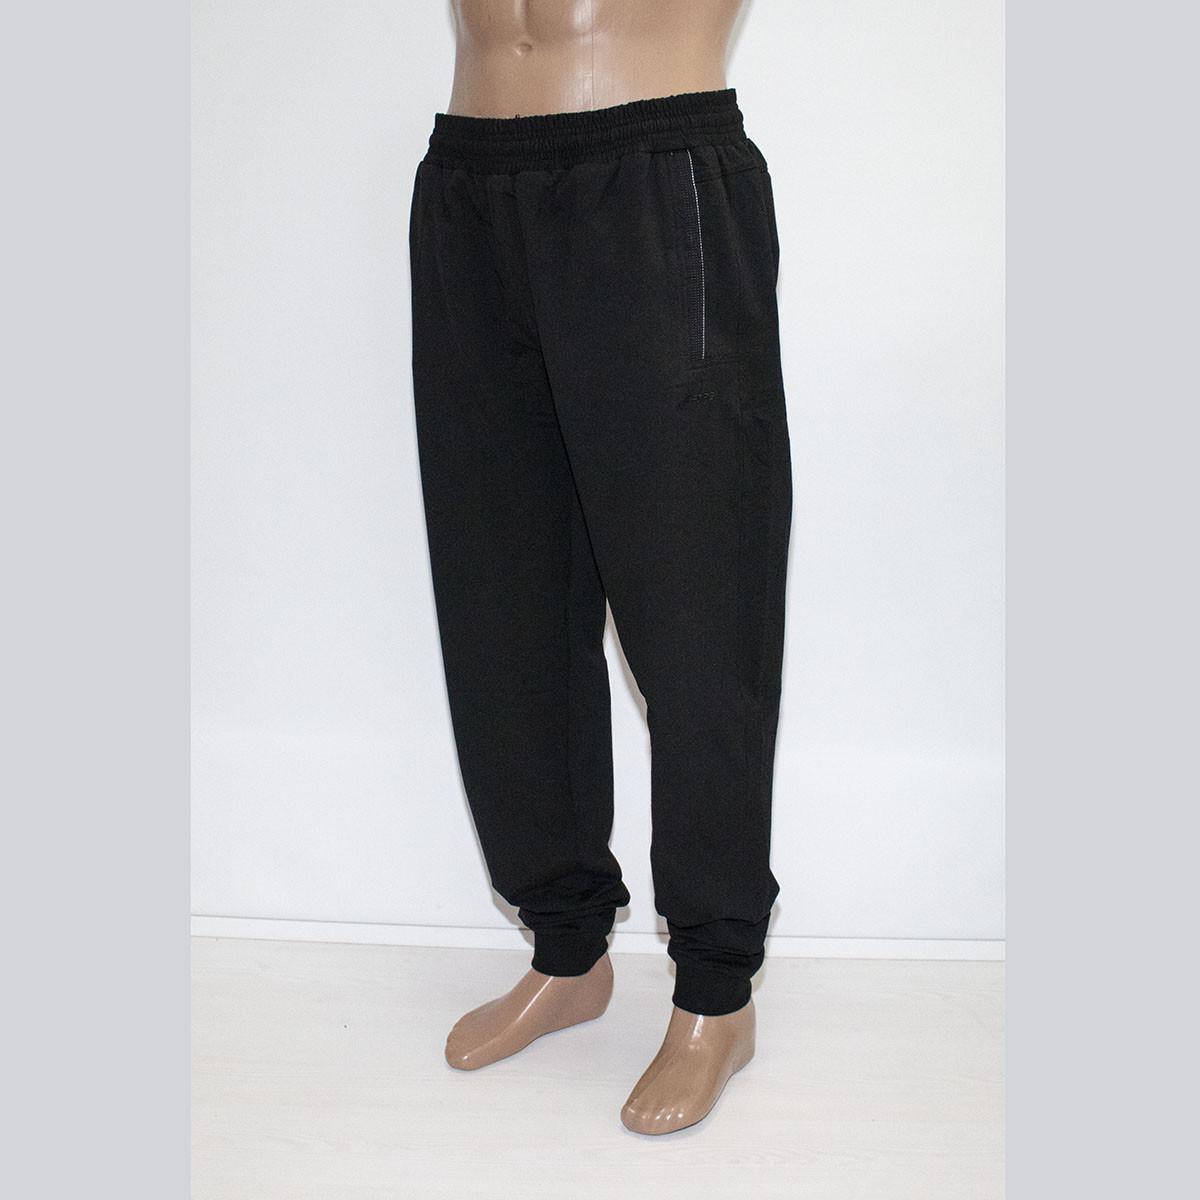 Мужские спортивные штаны под манжет большого размера тм. FORE 9659NG